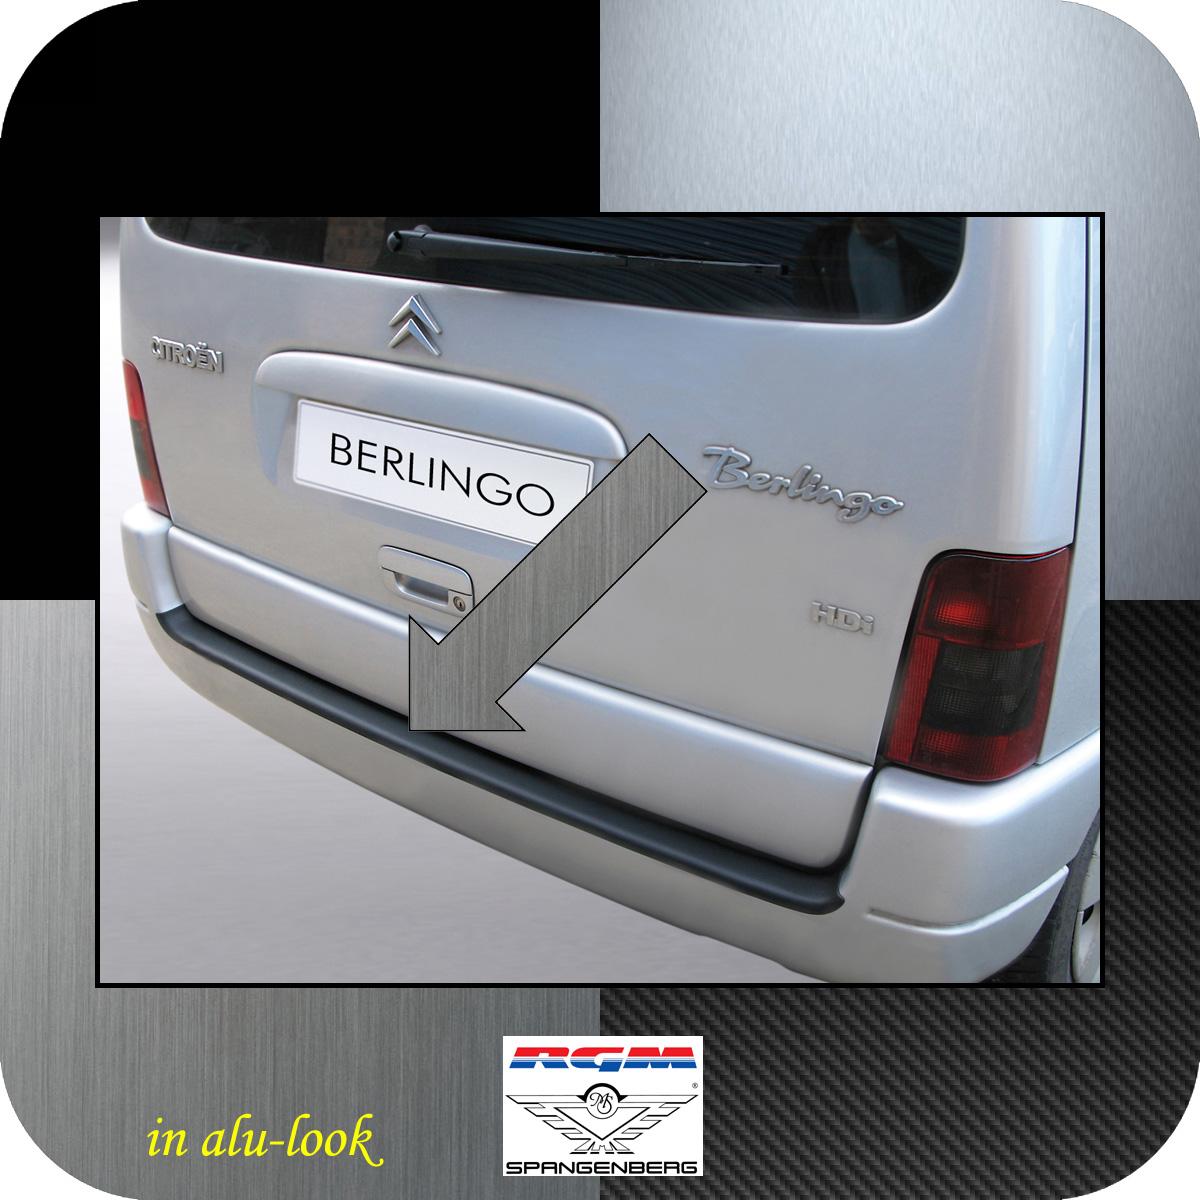 Ladekantenschutz Alu-Look Citroen Berlingo I bis Baujahr 2008 3504258